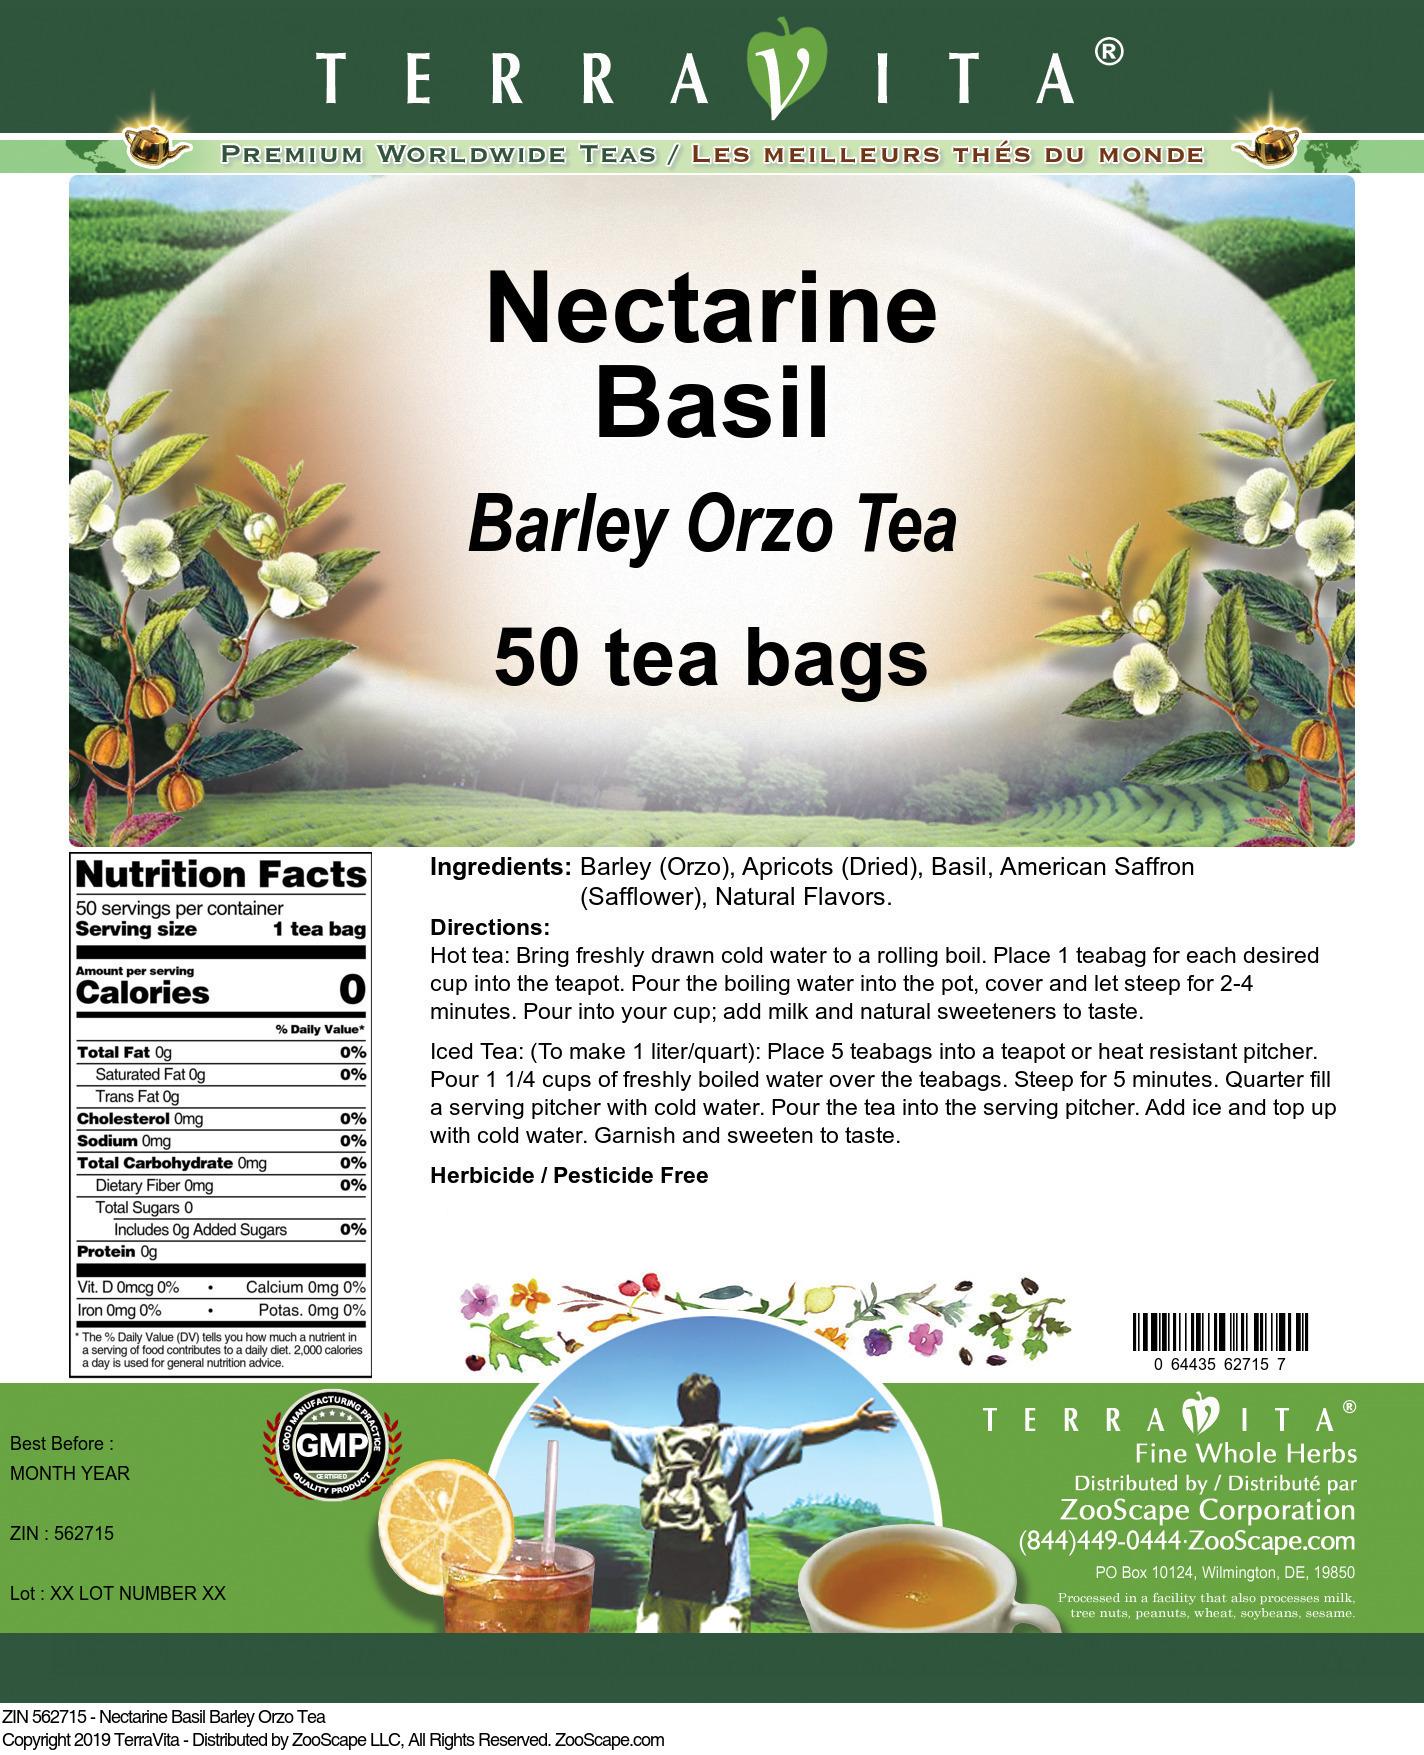 Nectarine Basil Barley Orzo